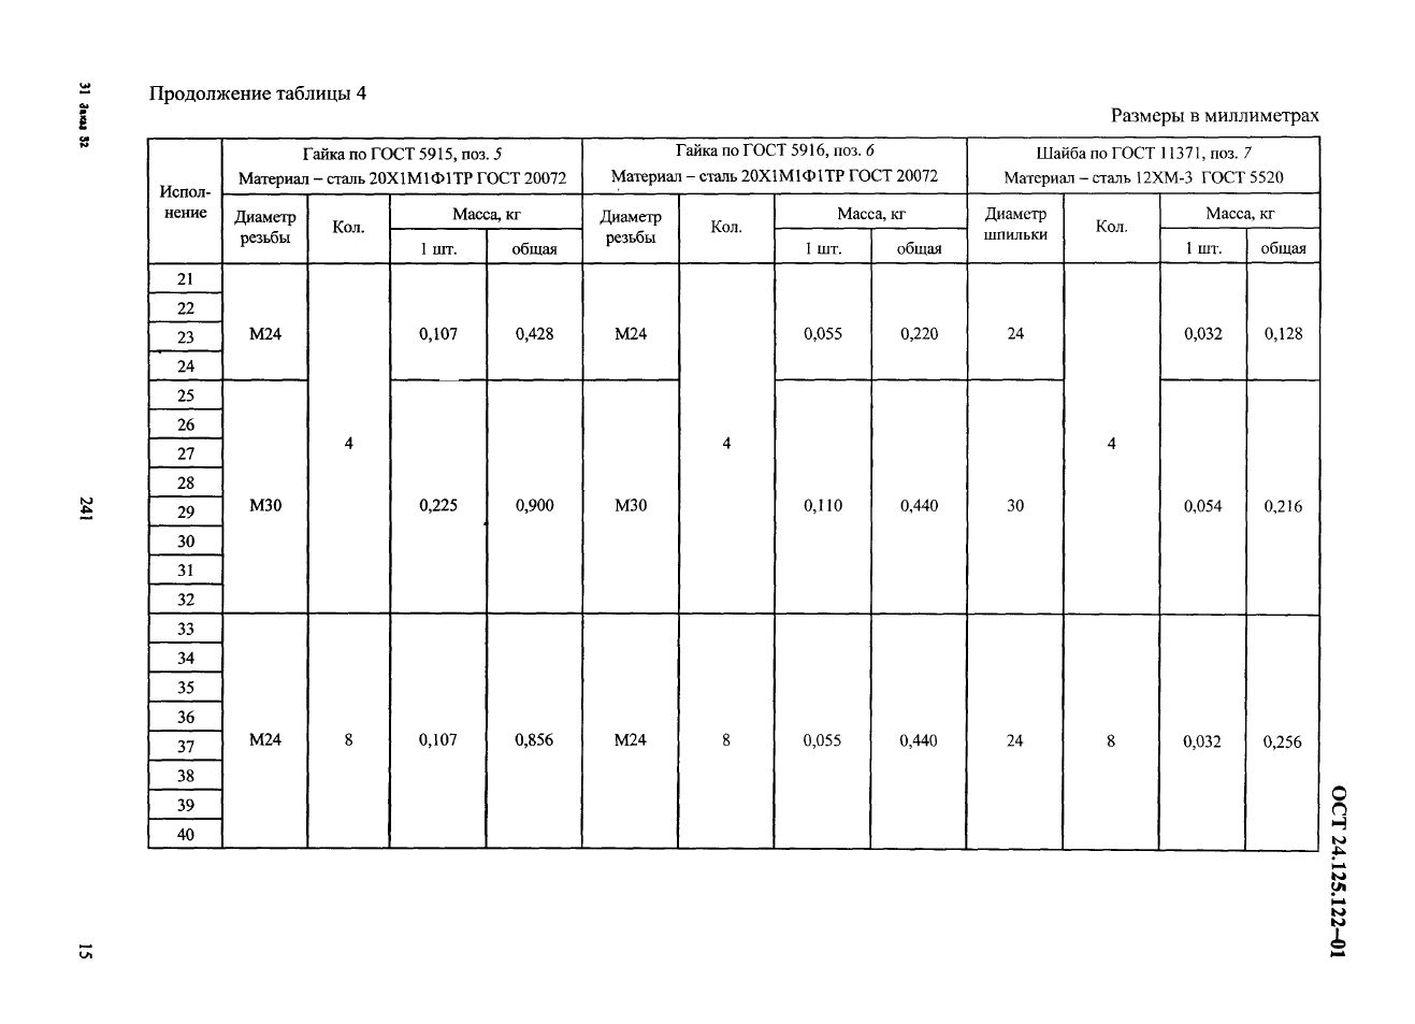 Подвески пружинные хомутовые на опорной балке ОСТ 24.125.122-01 стр.15